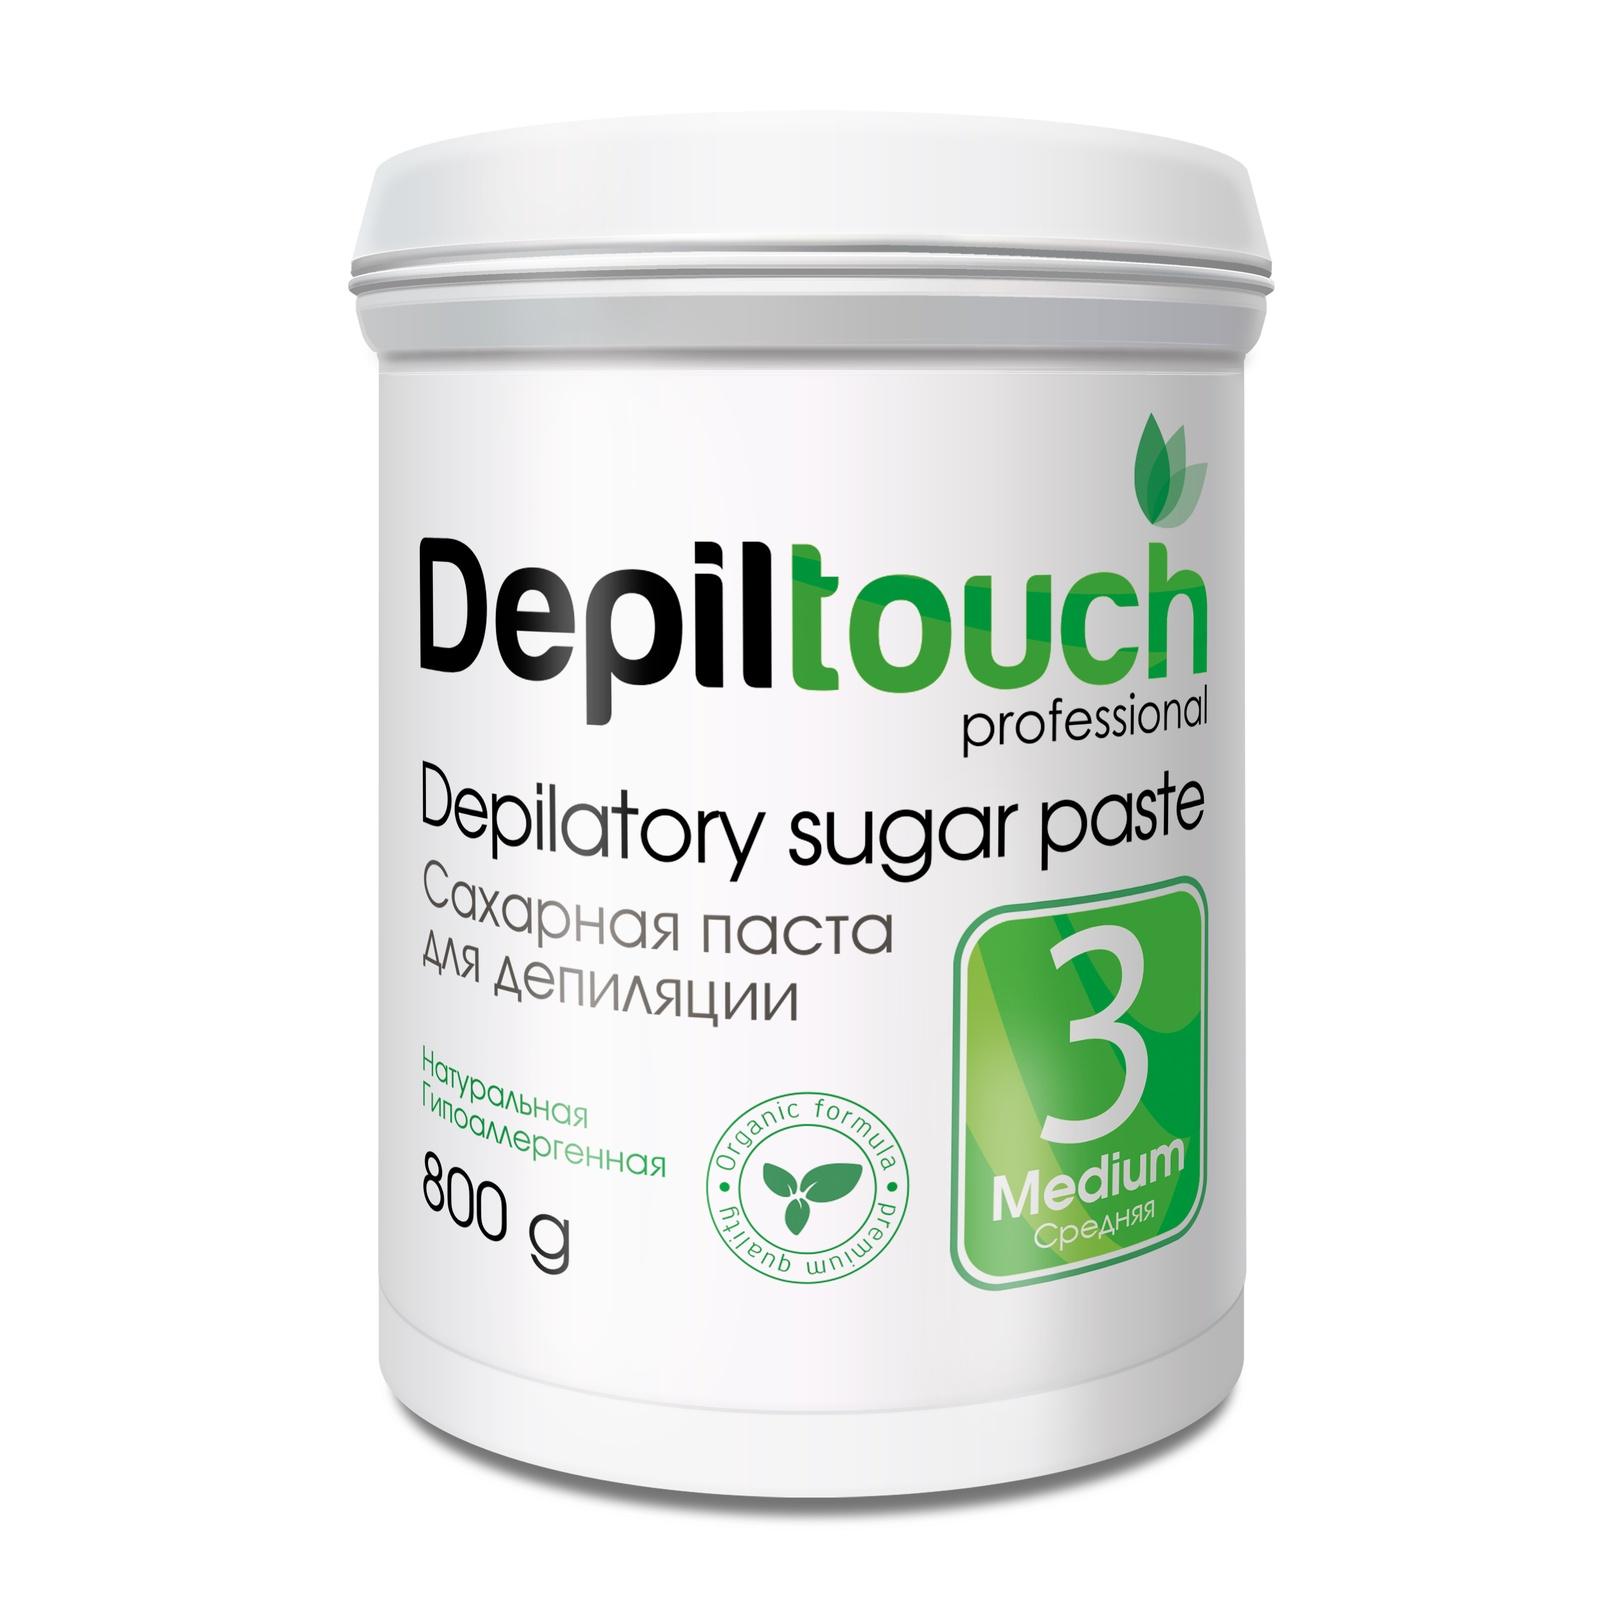 Depiltouch 87709 Сахарная паста для депиляции 3 СРЕДНЯЯ Depiltouch professional 800г сахарная паста для депиляции jessnail отзывы